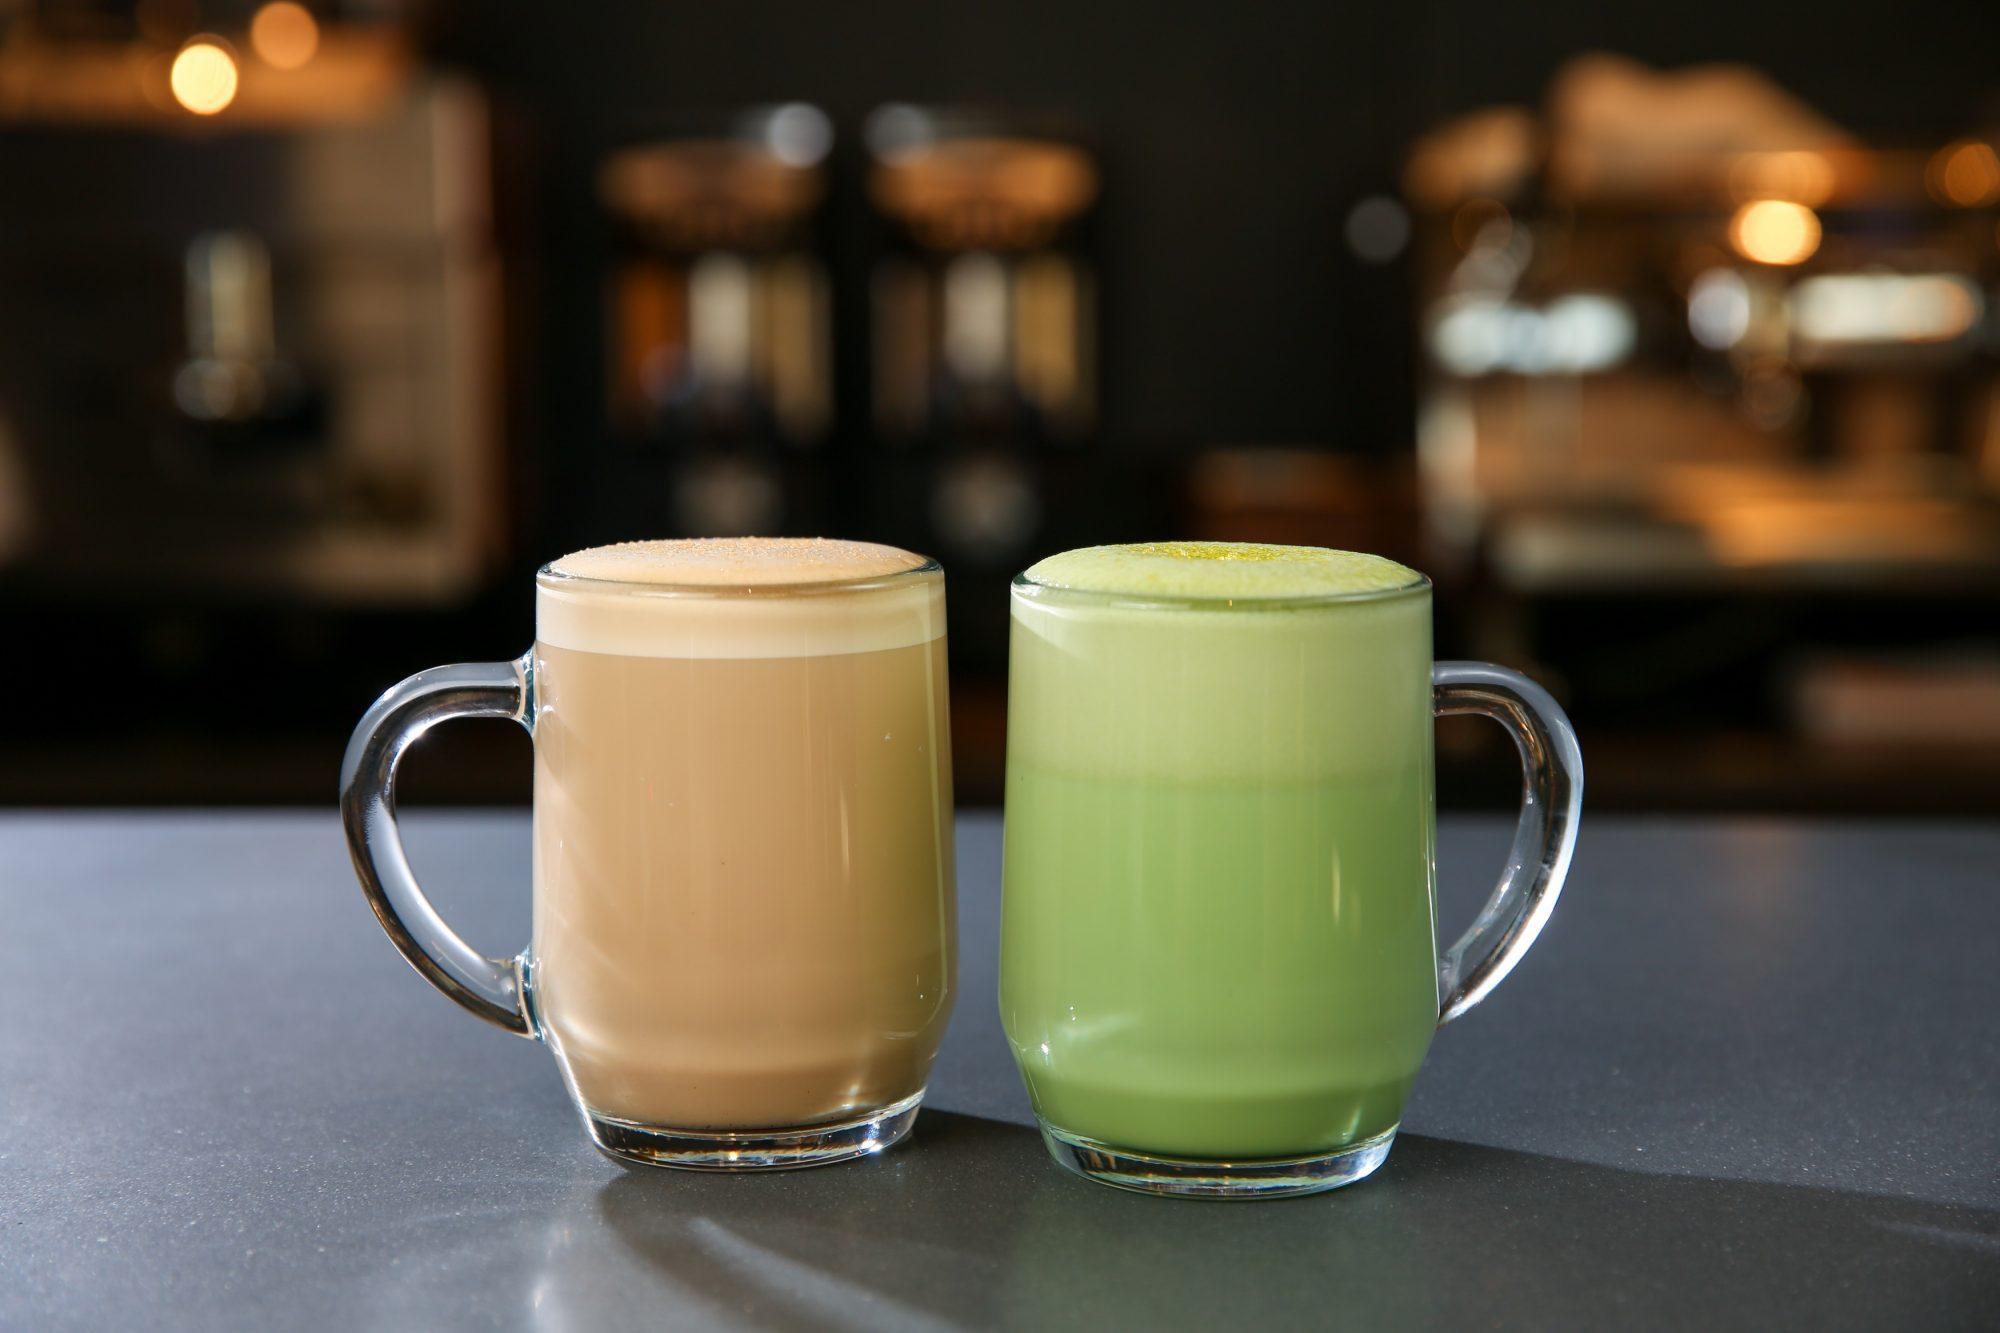 smoked_butterscotch-citrus_green_tea_latte.jpg